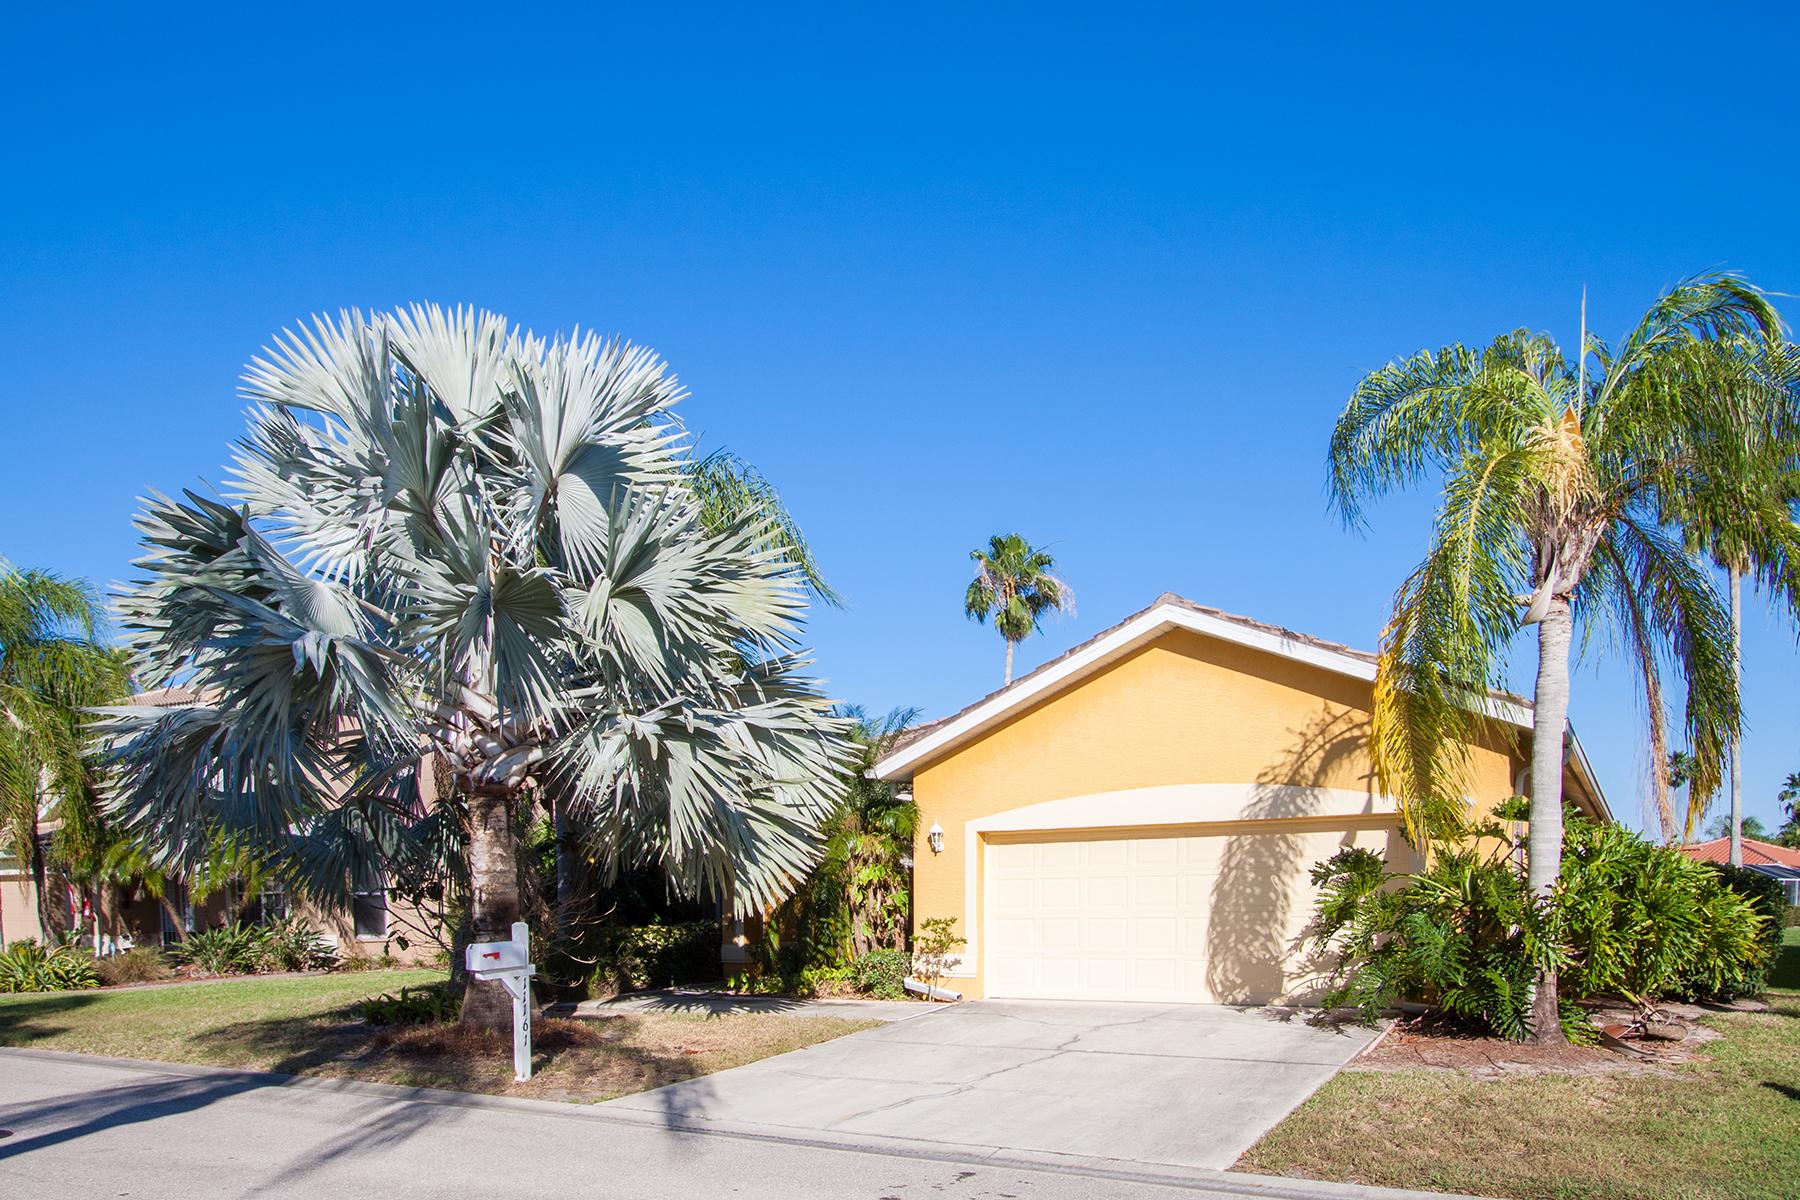 一戸建て のために 売買 アット GATEWAY - SILVER LAKES 11161 Lakeland Cir, Fort Myers, フロリダ, 33913 アメリカ合衆国